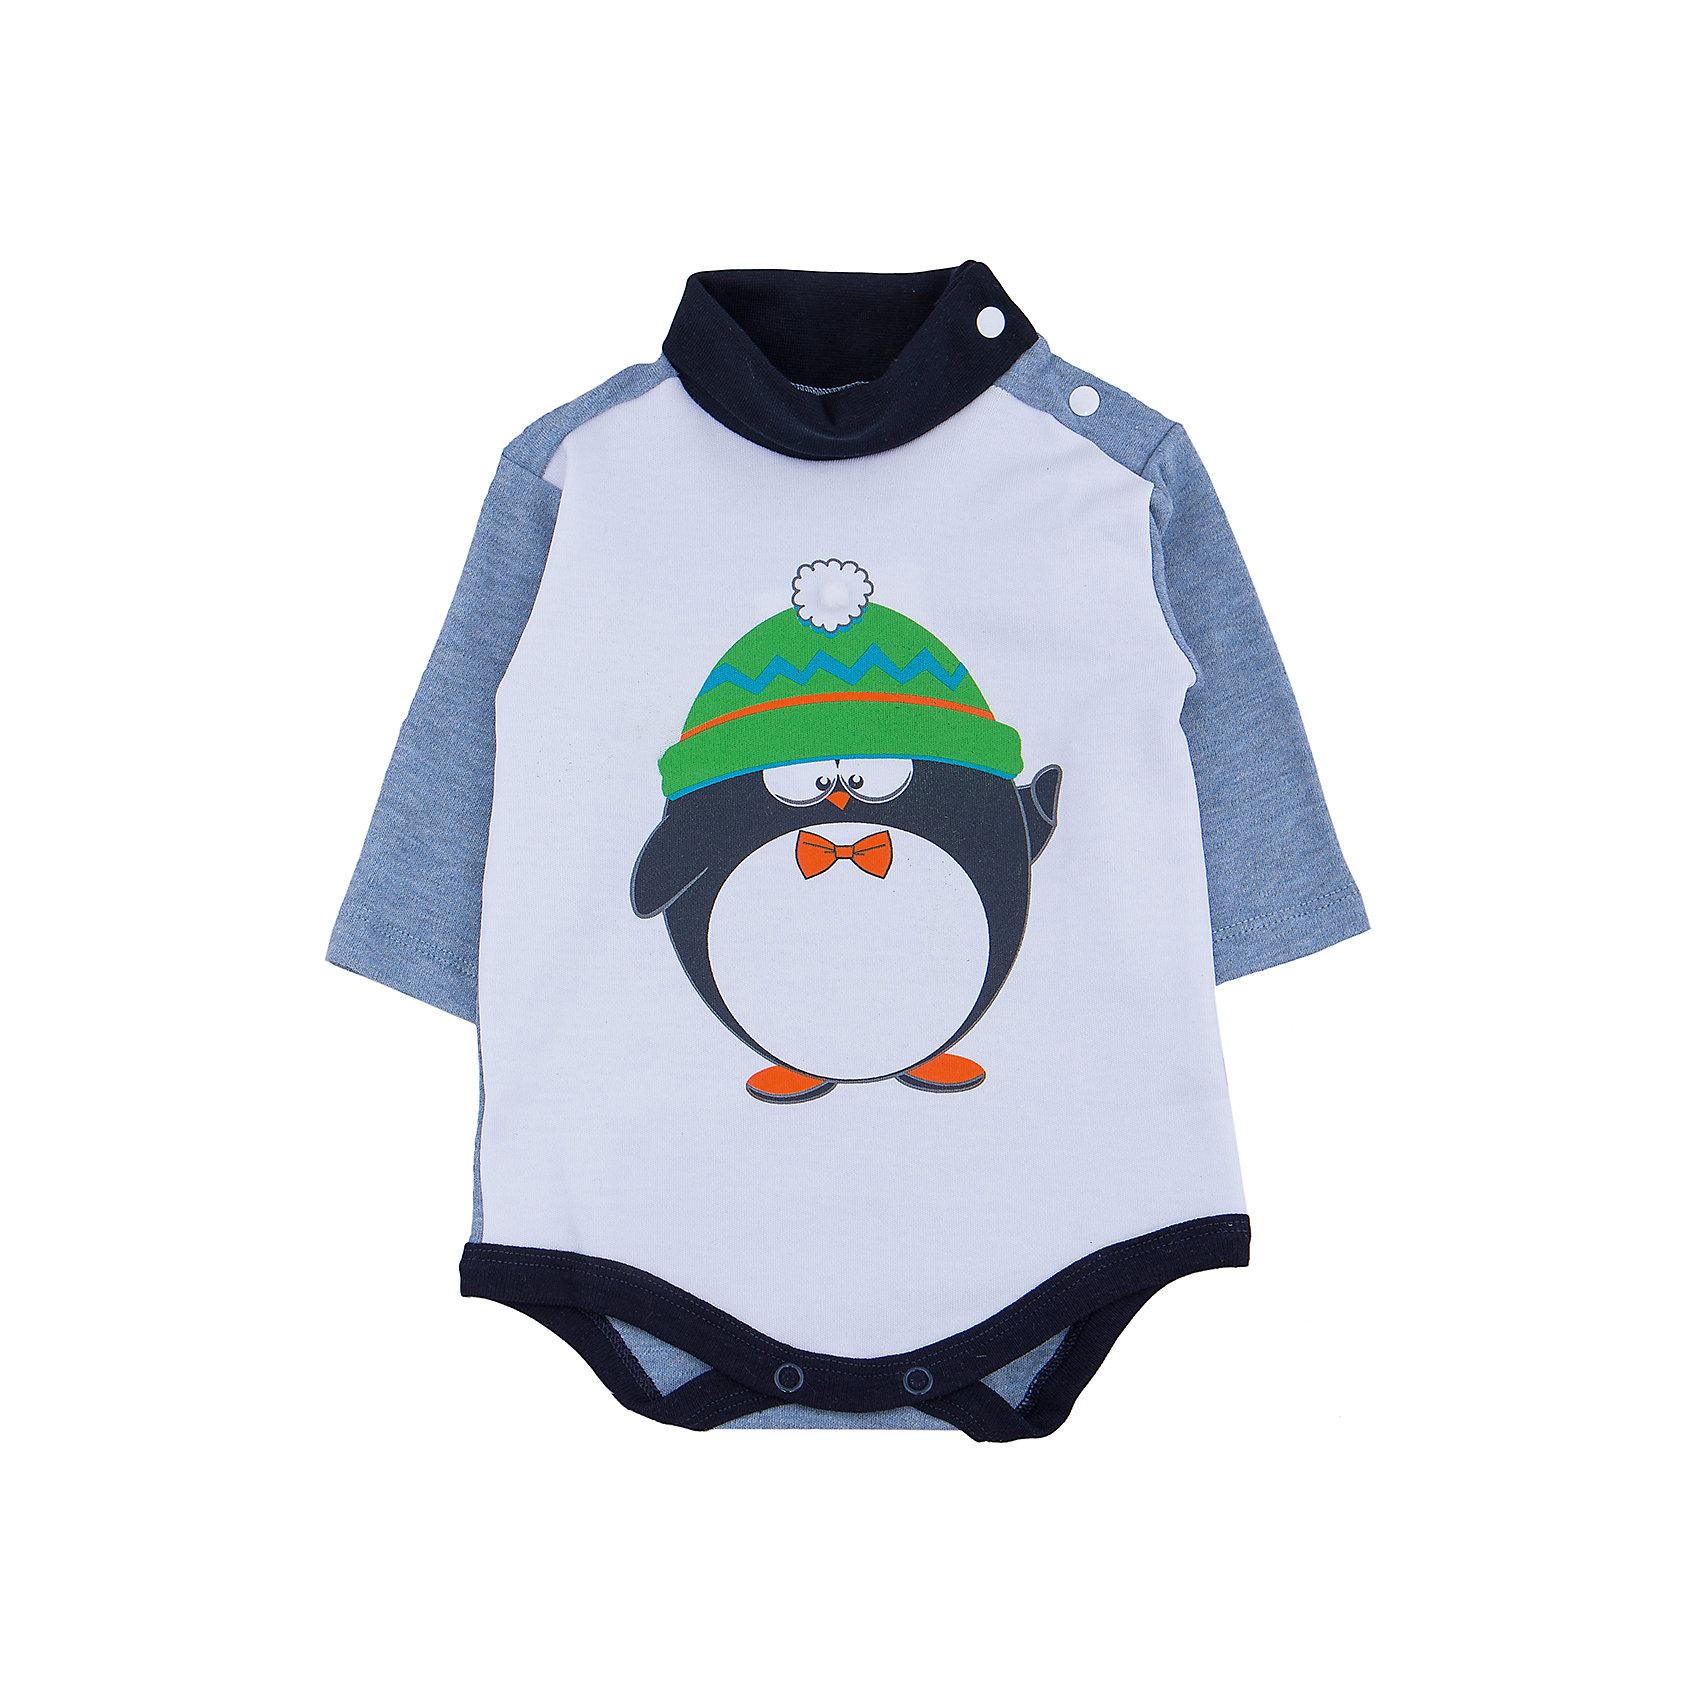 Боди-водолазка для мальчика Soni KidsБоди<br>Характеристики товара:<br><br>• цвет: разноцветный<br>• материал: 100% хлопок<br>• декорирован принтом<br>• высокое горло<br>• застежки: кнопки<br>• мягкие швы<br>• страна бренда: РФ<br>• страна изготовитель: РФ<br><br>К одежде для малышей предъявляются особые требования: она должна быть тщательно проработана, удобна и безопасна. Продукция известного российского бренда Soni Kids всегда учитывает эти особенности при разработке моделей детской одежды, поэтому её товары так популярны среди российских потребителей.<br>Эта боди-водолазка сшита из натурального хлопка, который не вызывает аллергии и позволяет коже малышей дышать. Застежки и швы тщательно обработаны, что обеспечивает ребенку необходимый комфорт. Модель сшита из качественных и проверенных материалов, которые безопасны для детей.<br><br>Боди-водолазку для мальчика от бренда Soni Kids (Сони кидс) можно купить в нашем интернет-магазине.<br><br>Ширина мм: 157<br>Глубина мм: 13<br>Высота мм: 119<br>Вес г: 200<br>Цвет: голубой<br>Возраст от месяцев: 12<br>Возраст до месяцев: 15<br>Пол: Мужской<br>Возраст: Детский<br>Размер: 80,62,68,74<br>SKU: 5162664